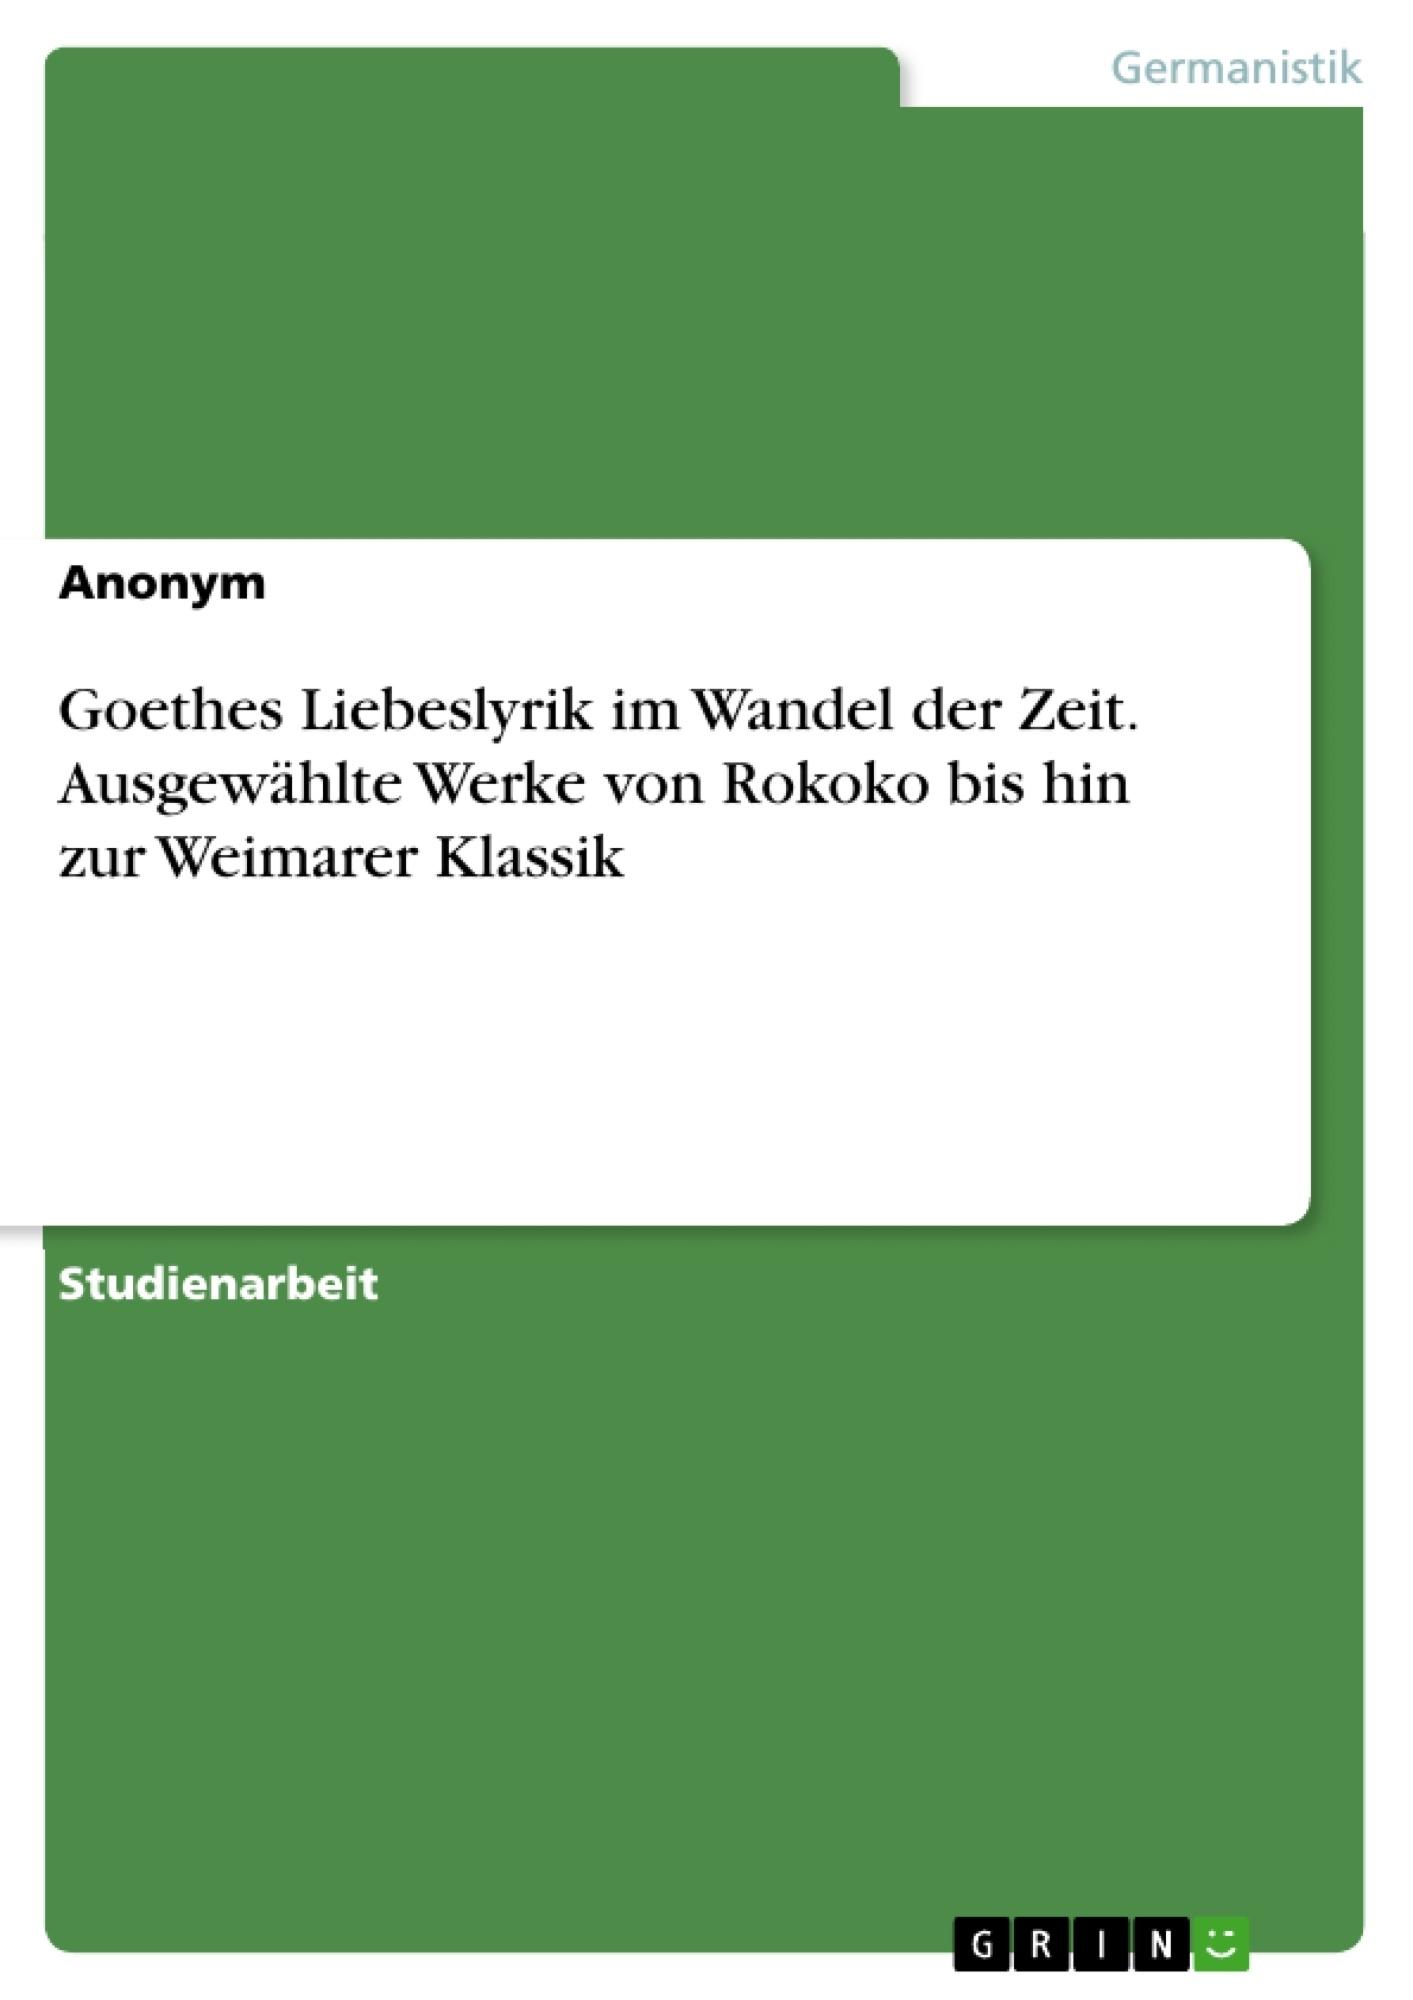 Titel: Goethes Liebeslyrik im Wandel der Zeit. Ausgewählte Werke von Rokoko bis hin zur Weimarer Klassik